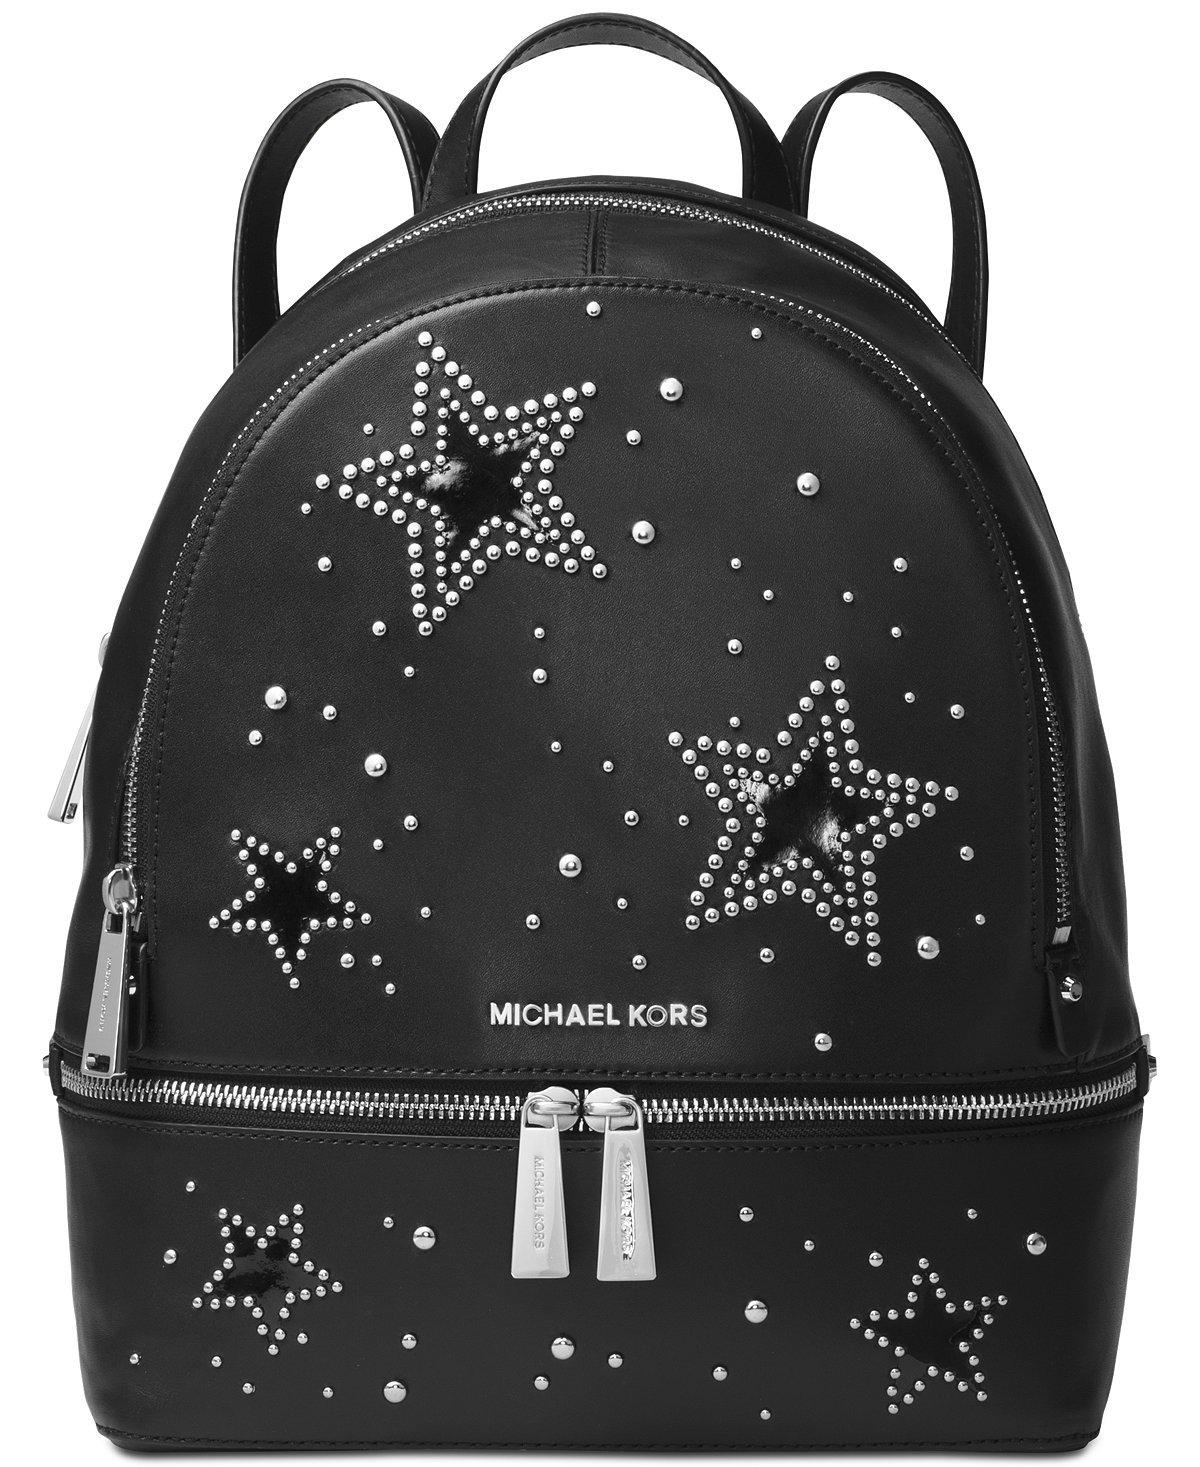 Michael Kors レディース B077XRDMFM Black/Star Studs Black/Star Studs